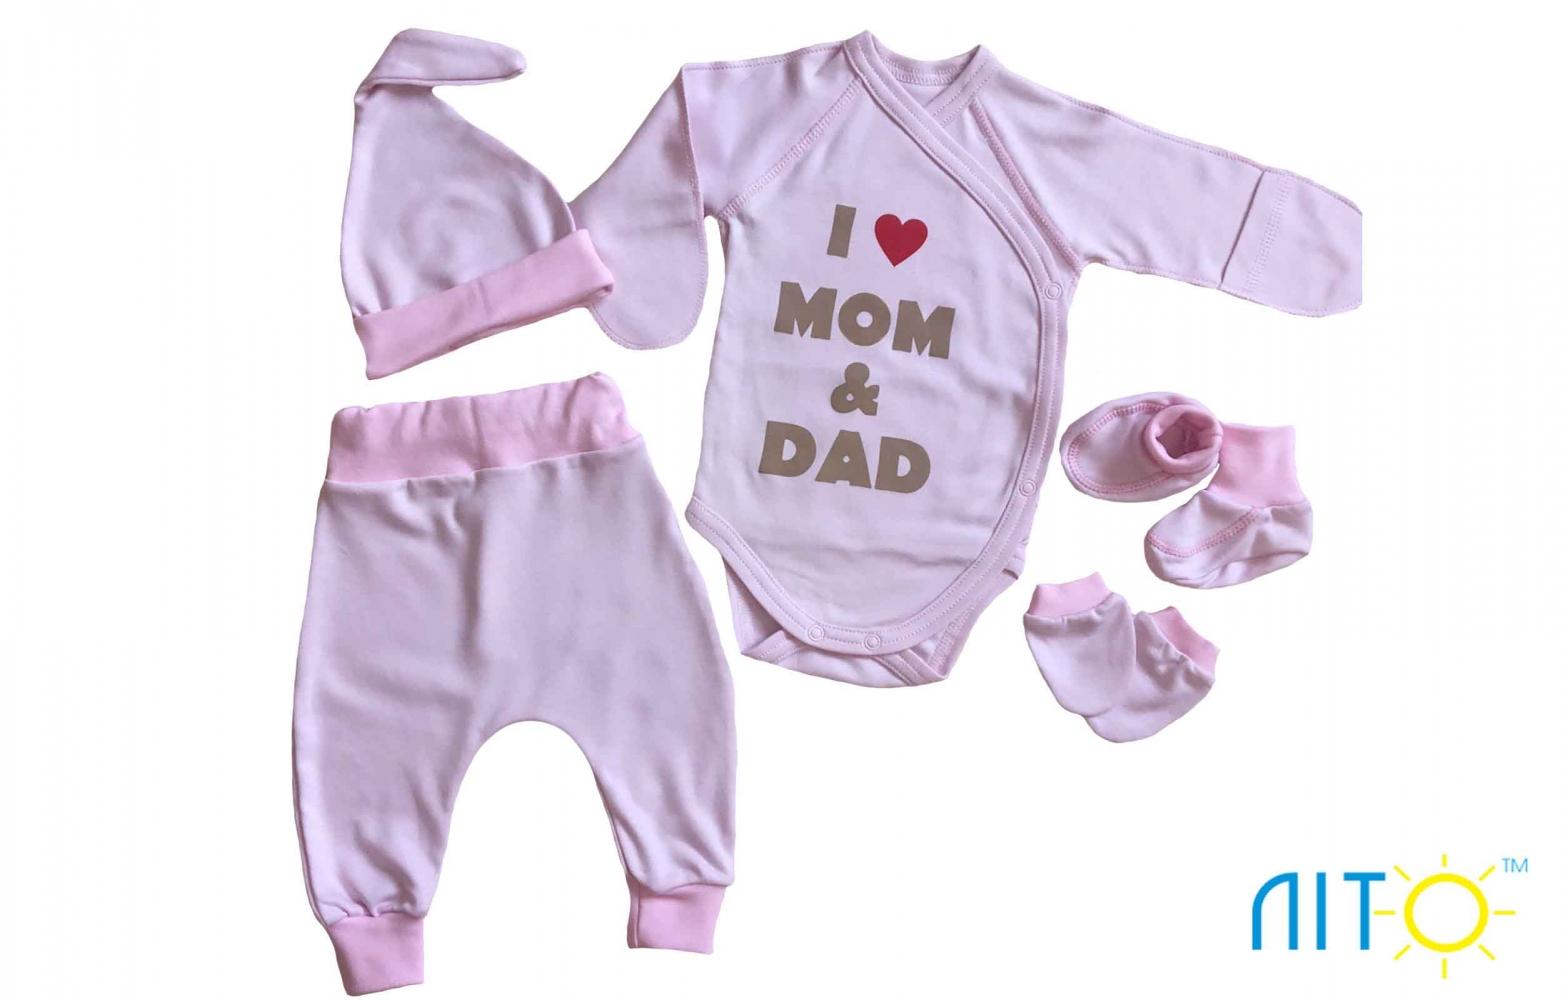 Набір рожевий - Я люблю маму і тата Код od-20898 935b2b75e40e4